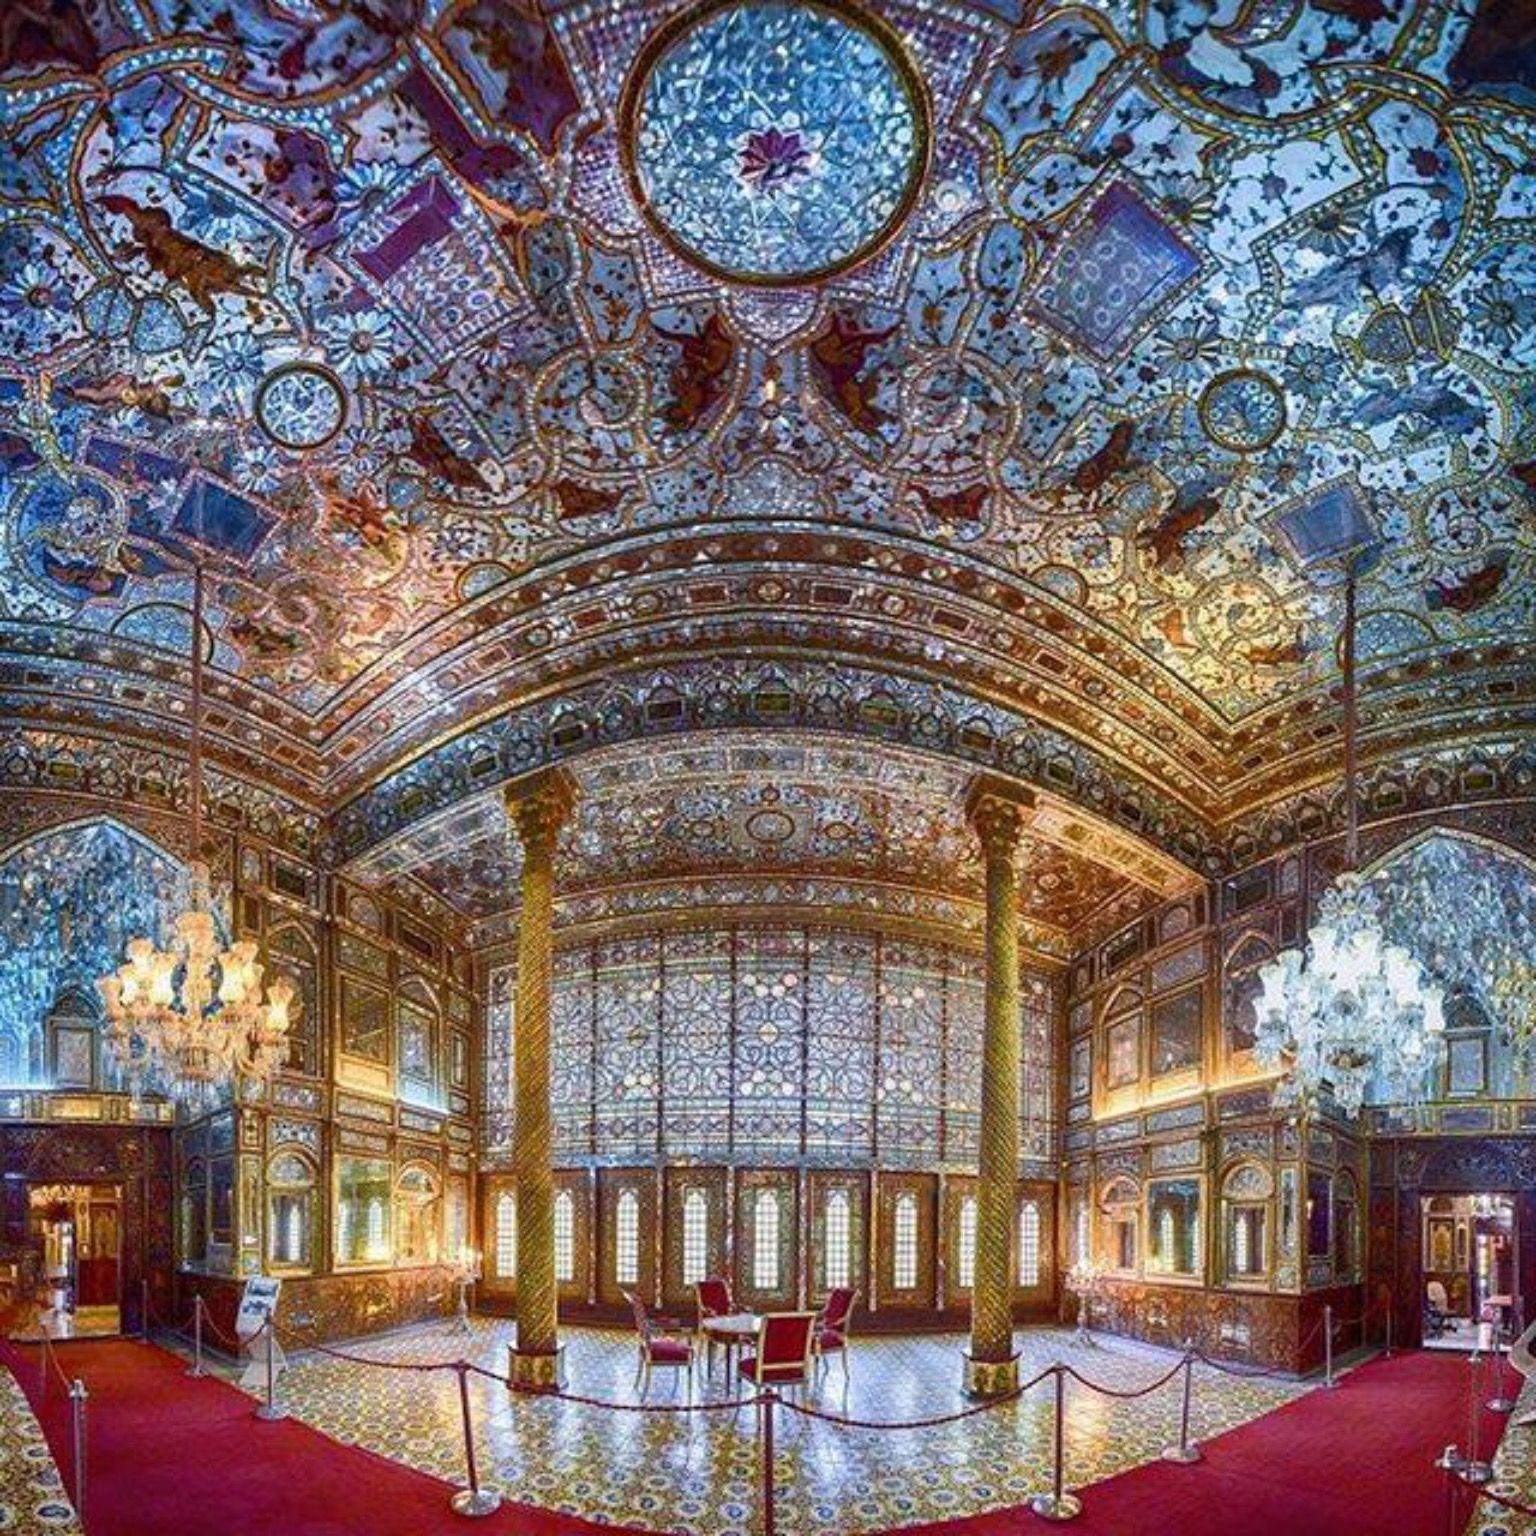 Amazing Iranian Architecture Historical Golestan Palace